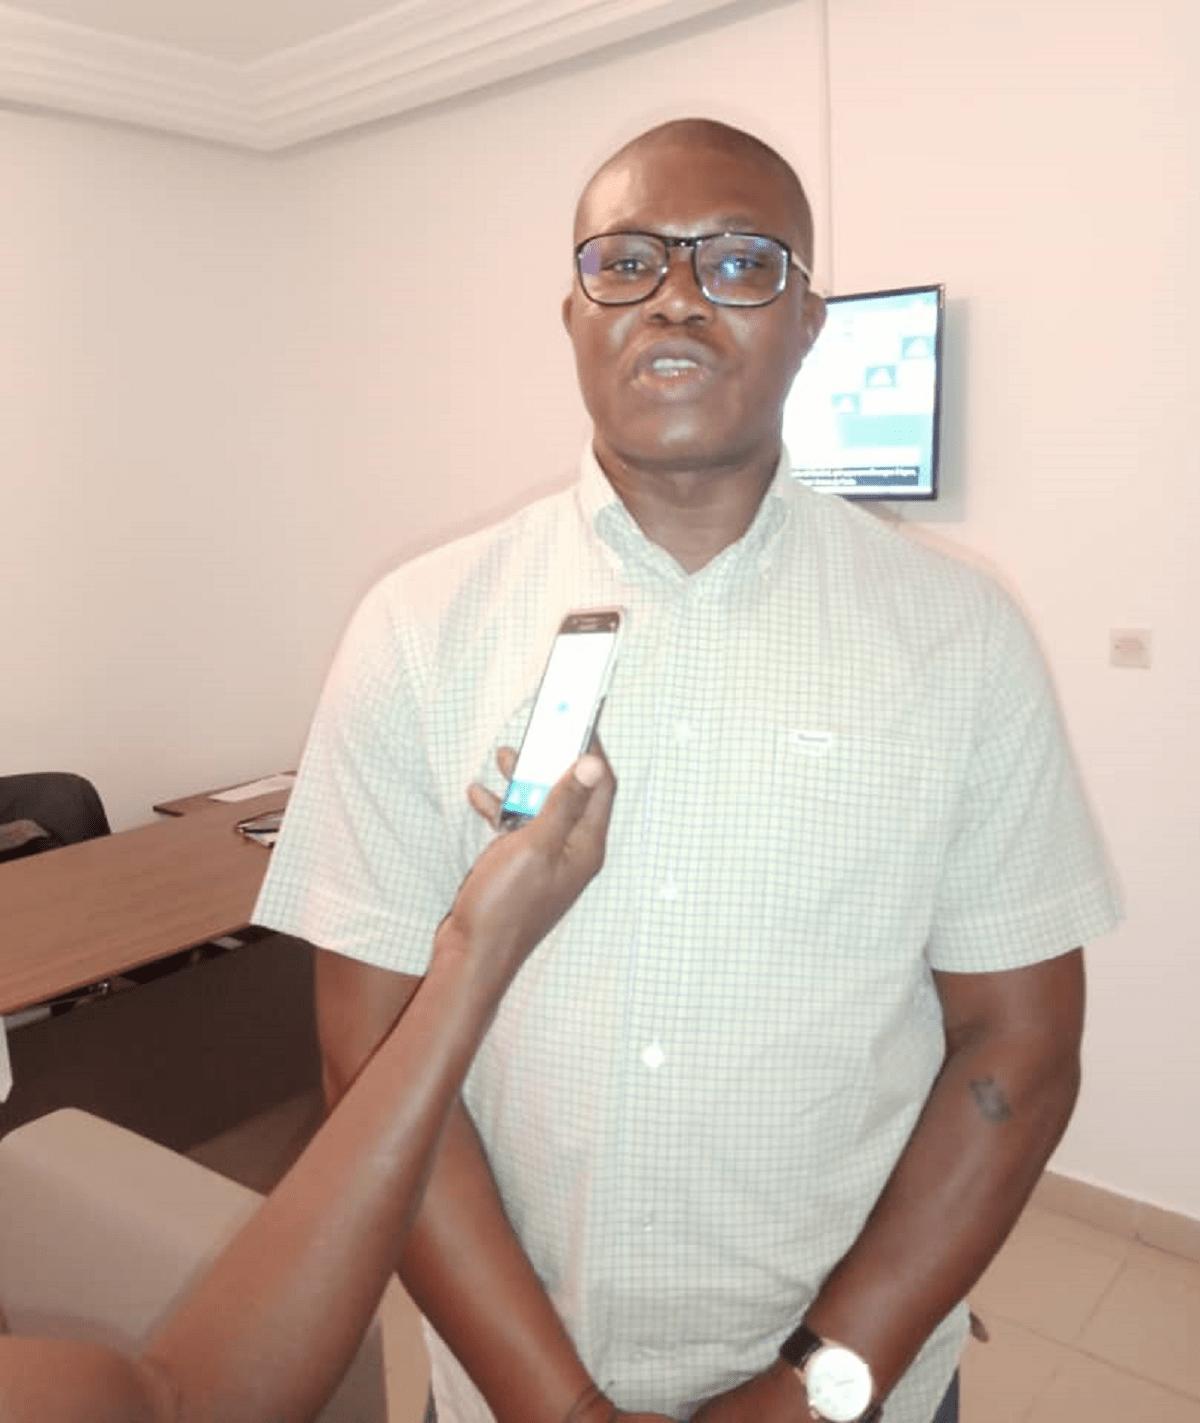 Côte d'Ivoire : Après avoir tabassé un joueur, la police veut un règlement à l'amiable